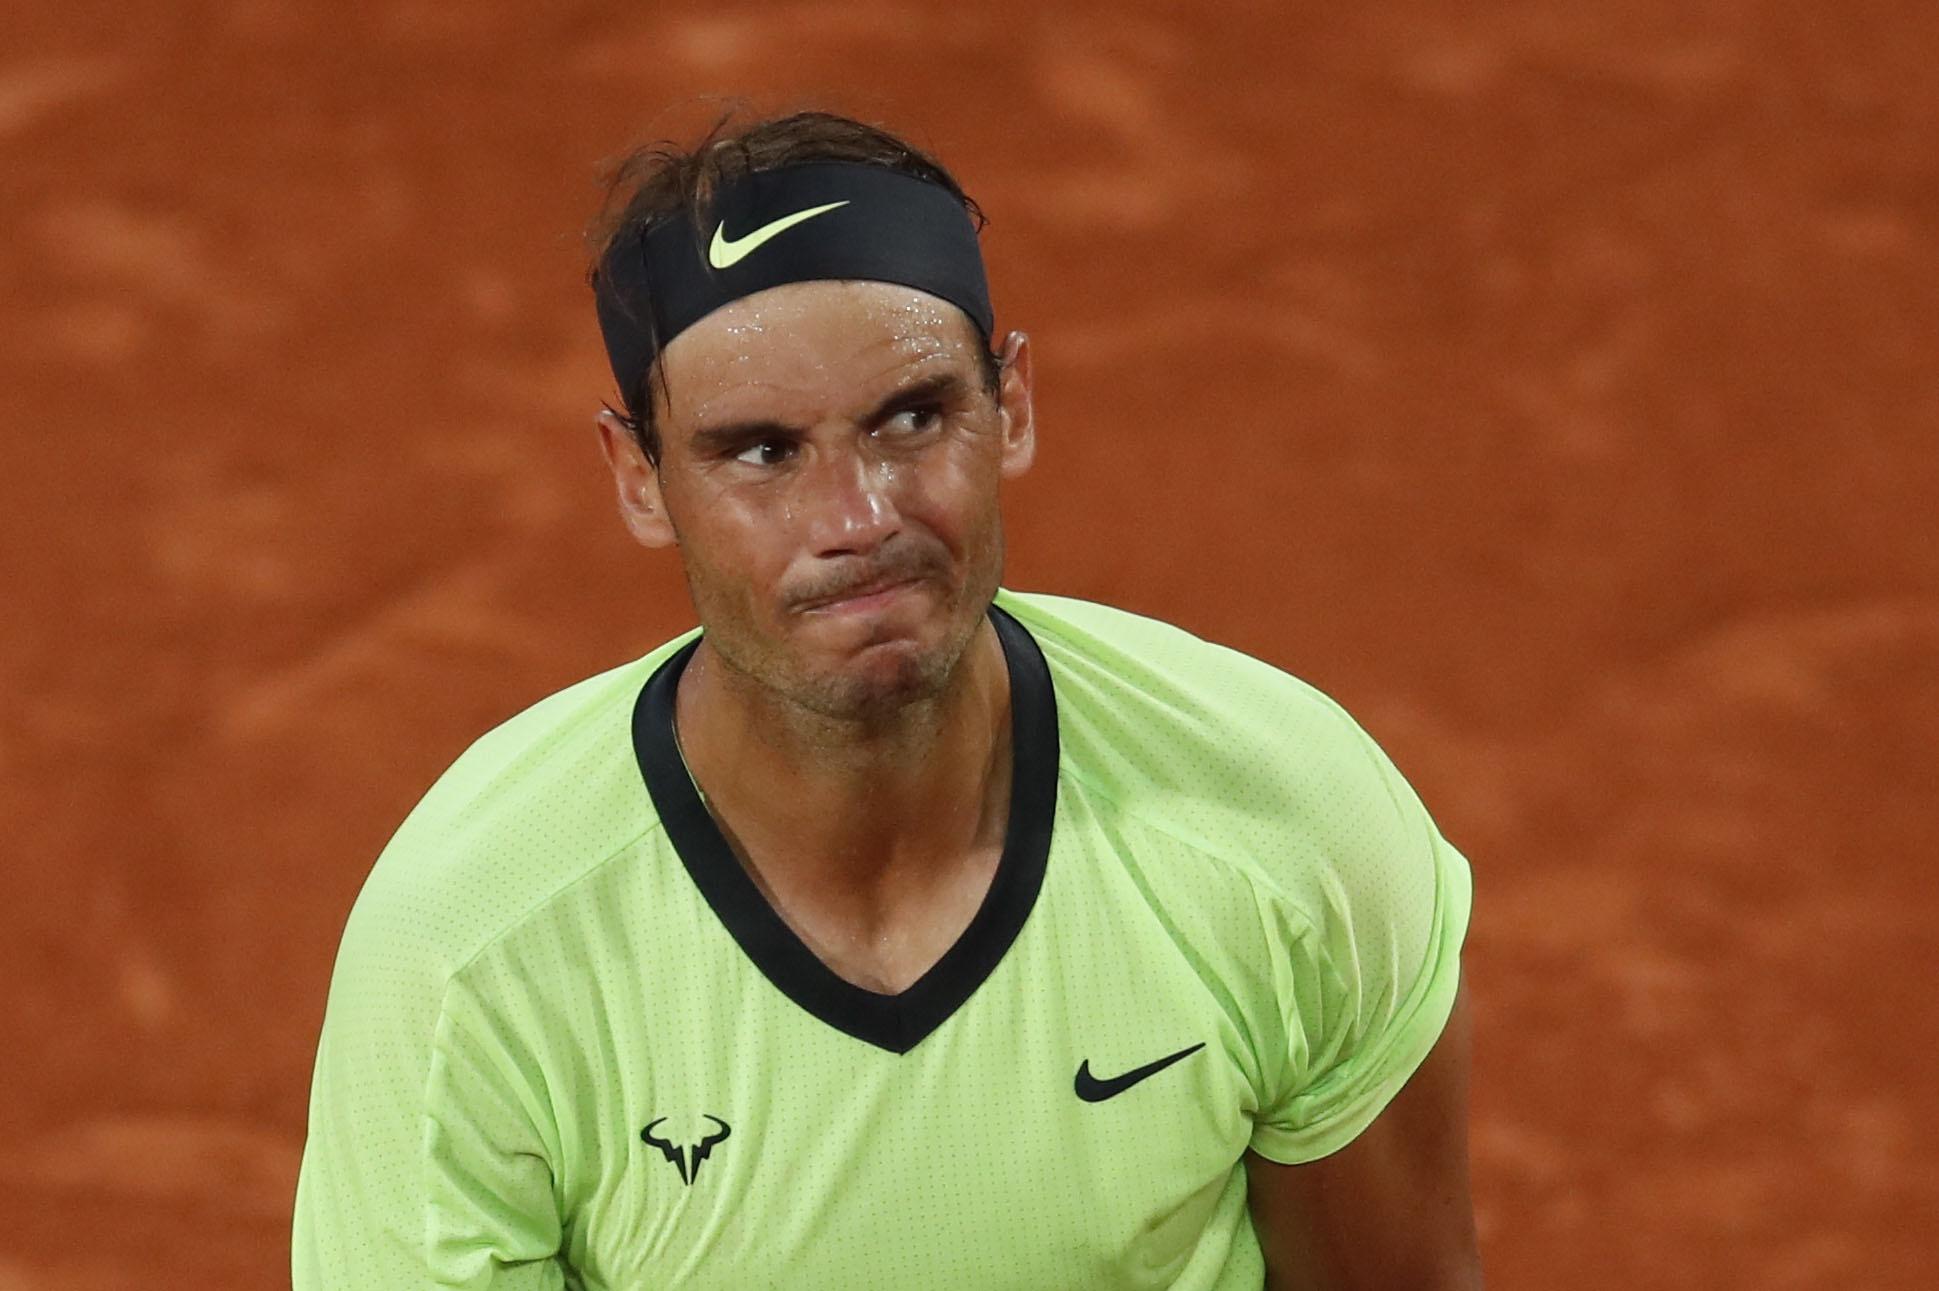 Nadal kehilangan sirkuitnya selama empat tahun berturut-turut saat memenangkan Roland Garros.  Foto: AP